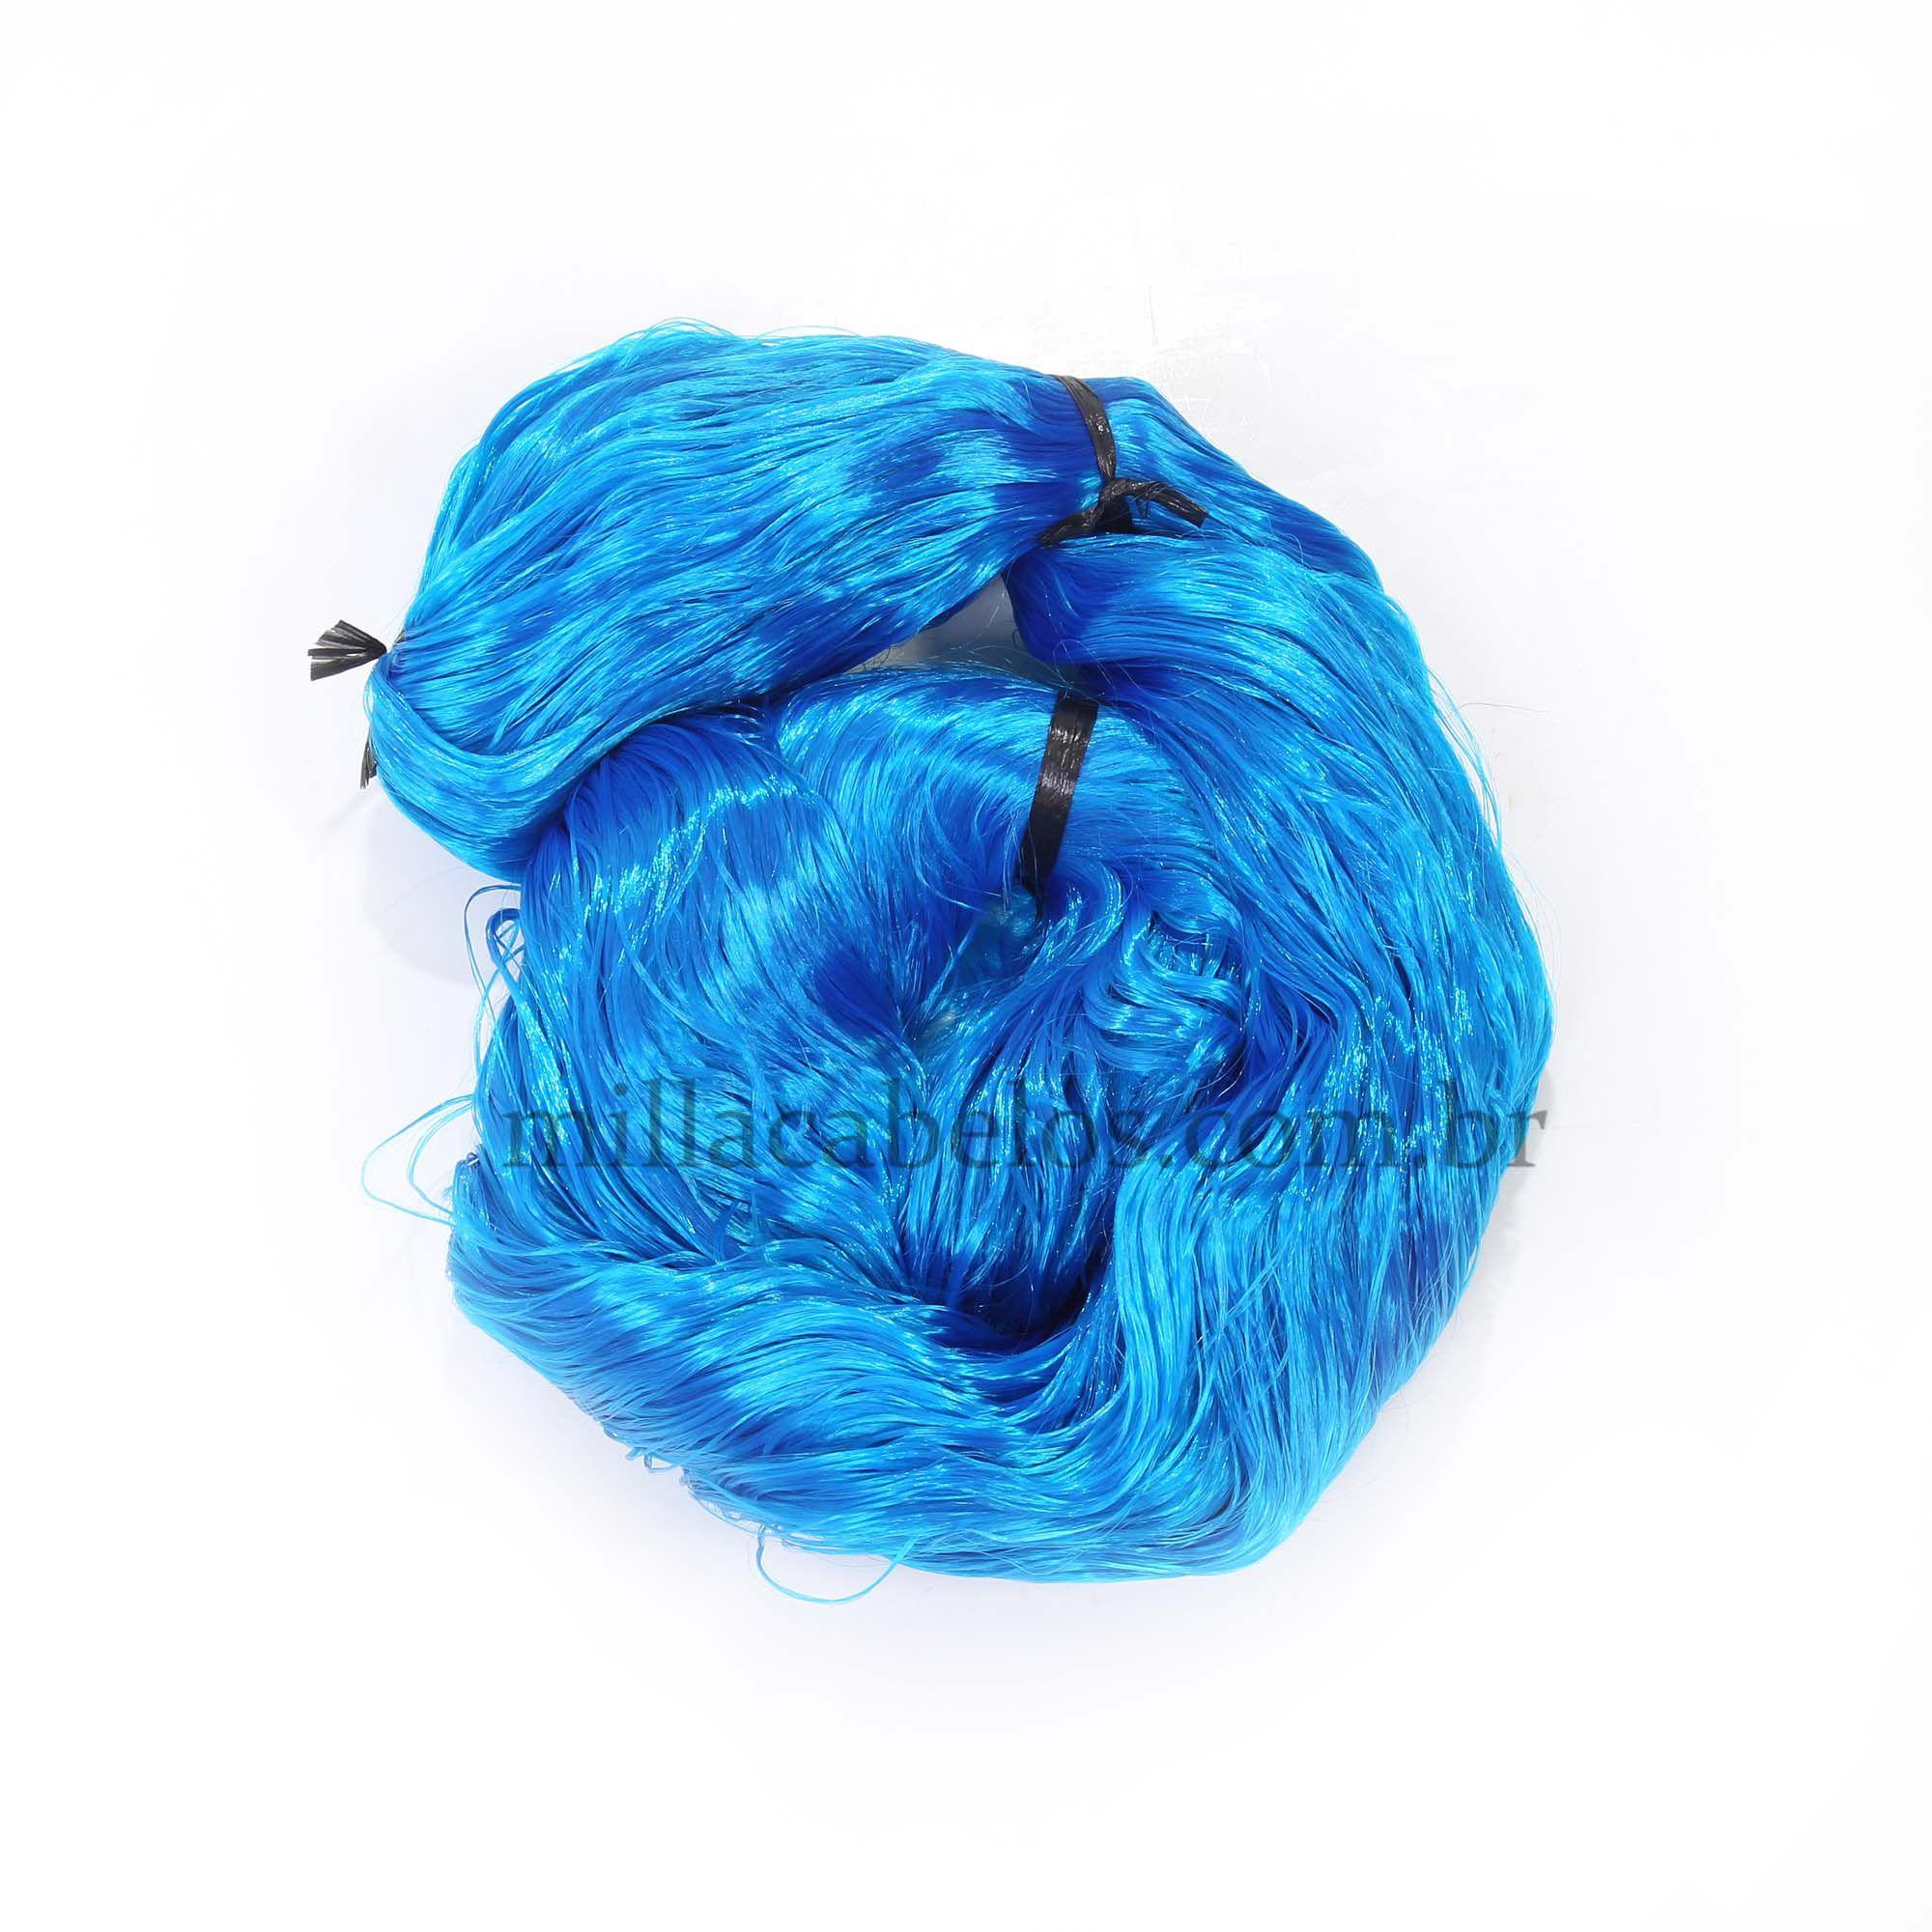 Cabelo Sintético - Fio de Fibra Nacional - Cor: Azul Claro